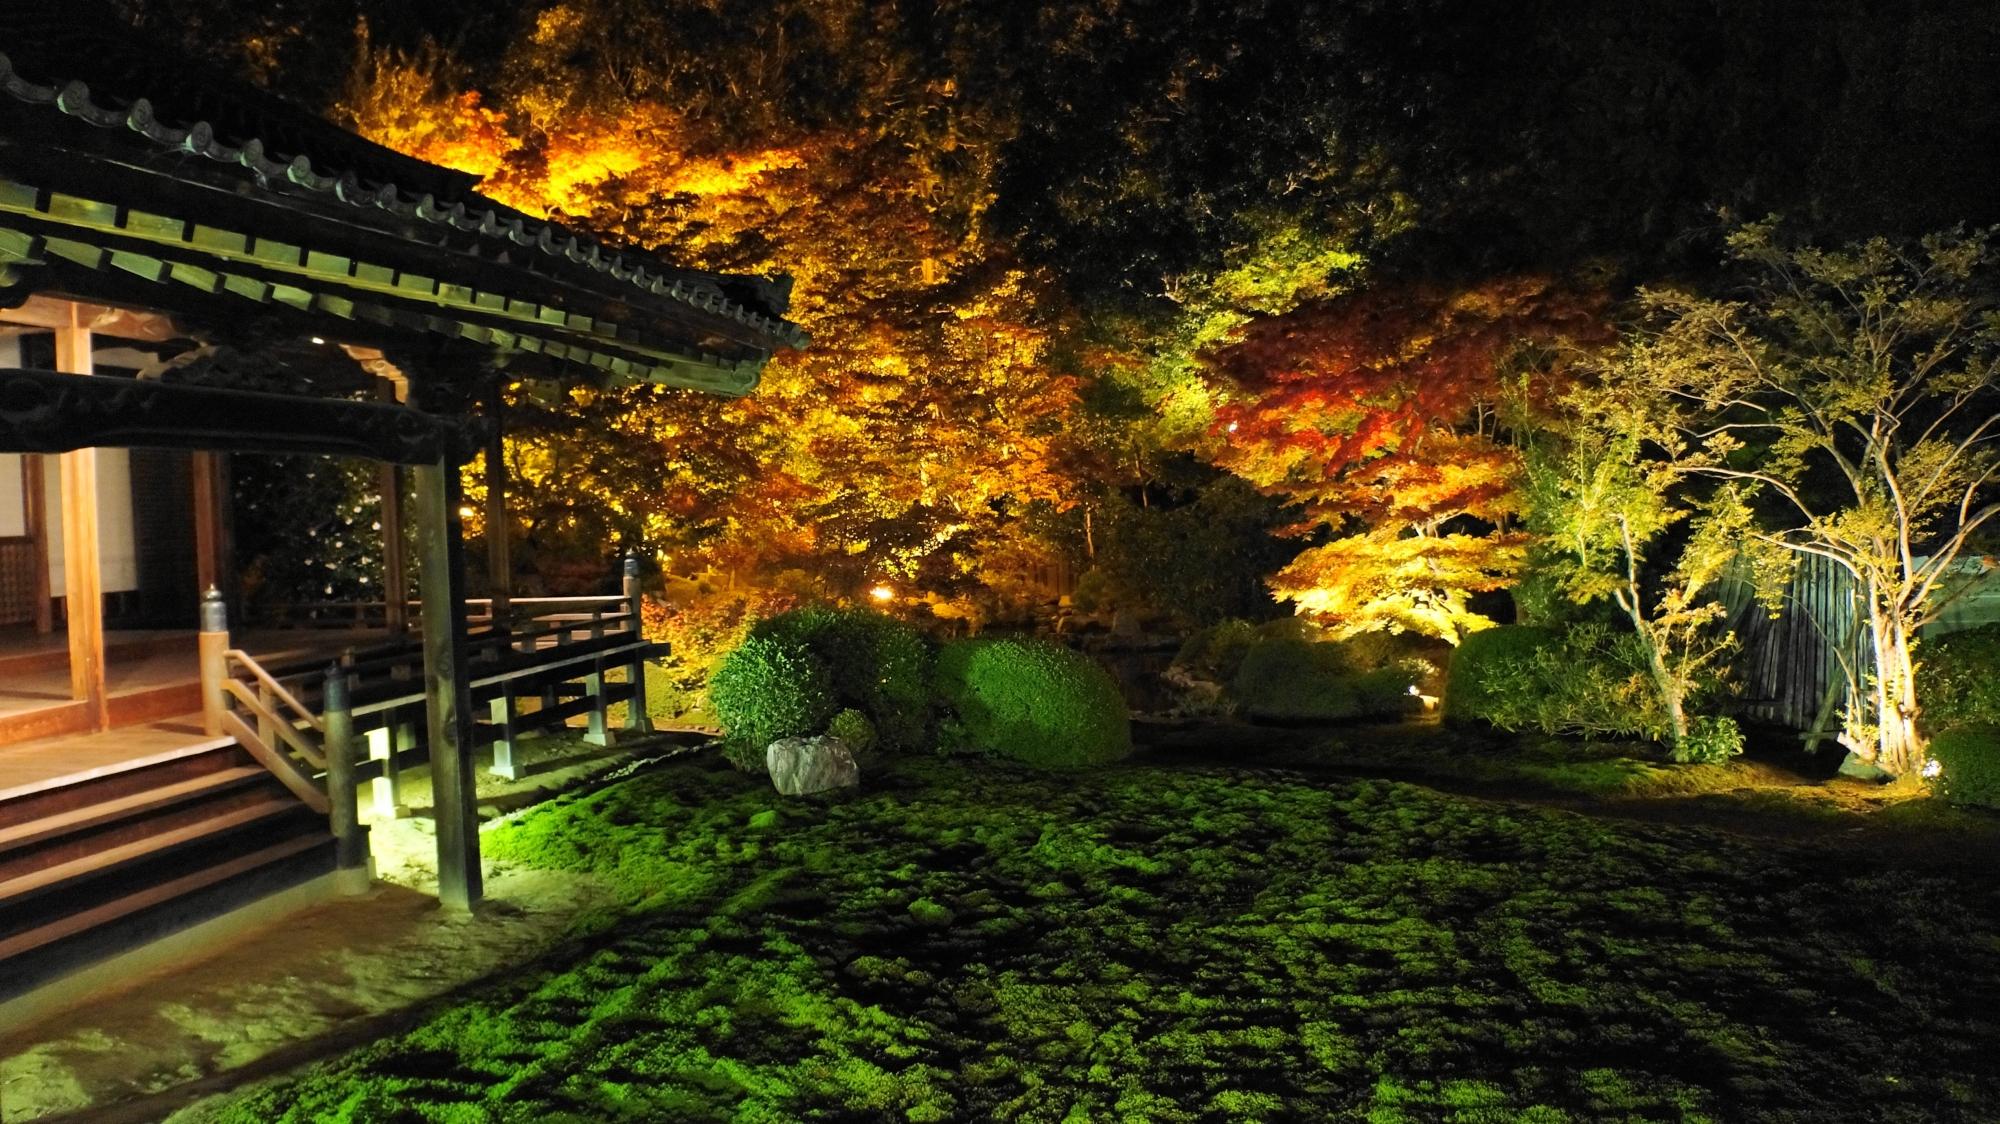 随心院の静かな境内を華やぐ趣きある紅葉と灯り